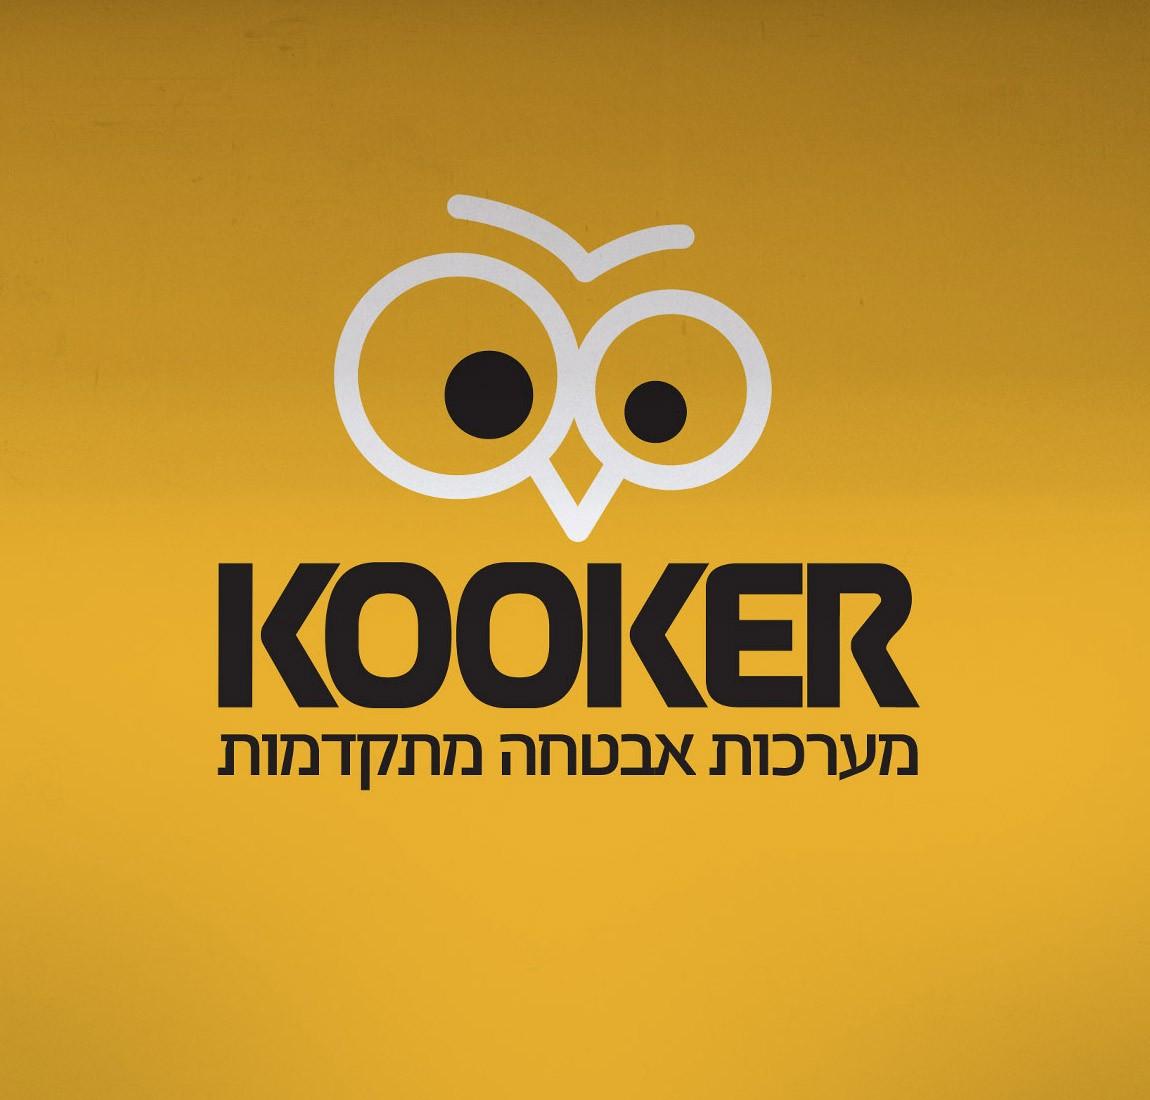 KOOKER